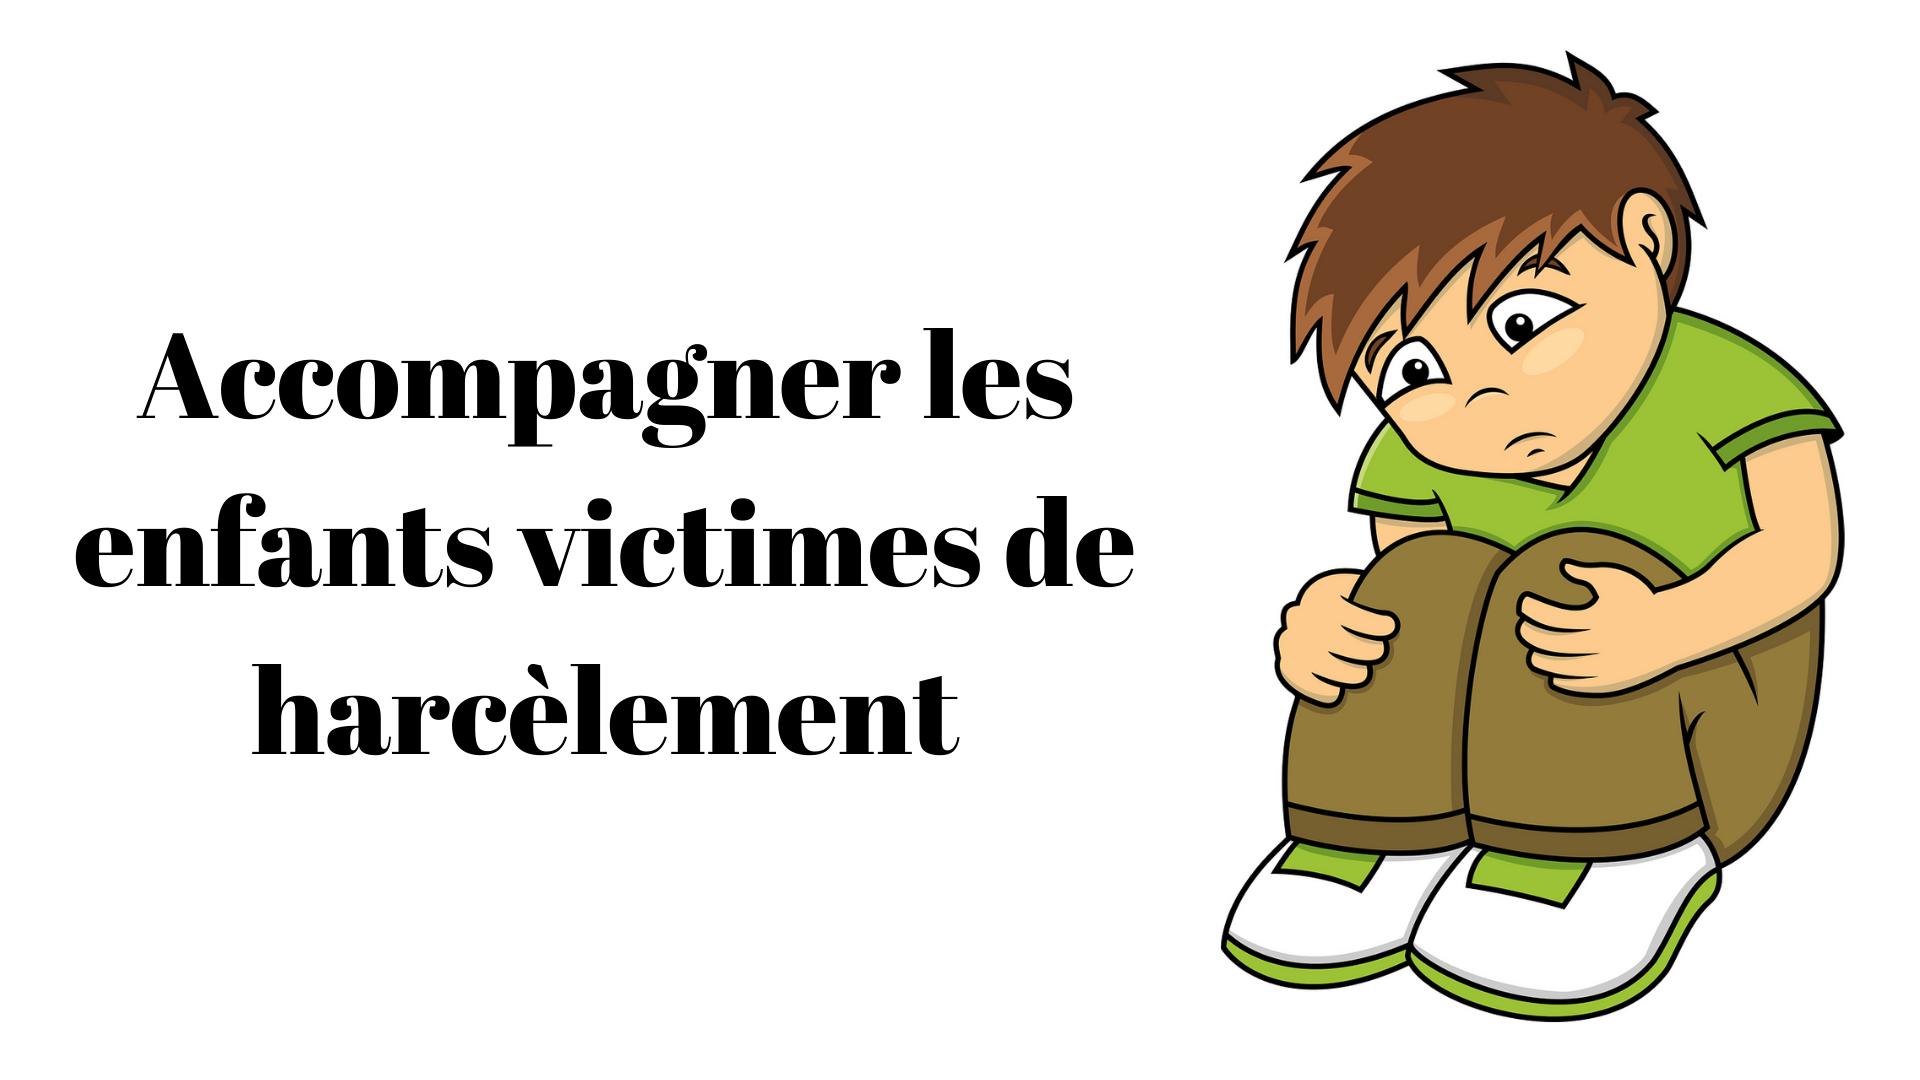 Accompagner les enfants victimes de harcèlement